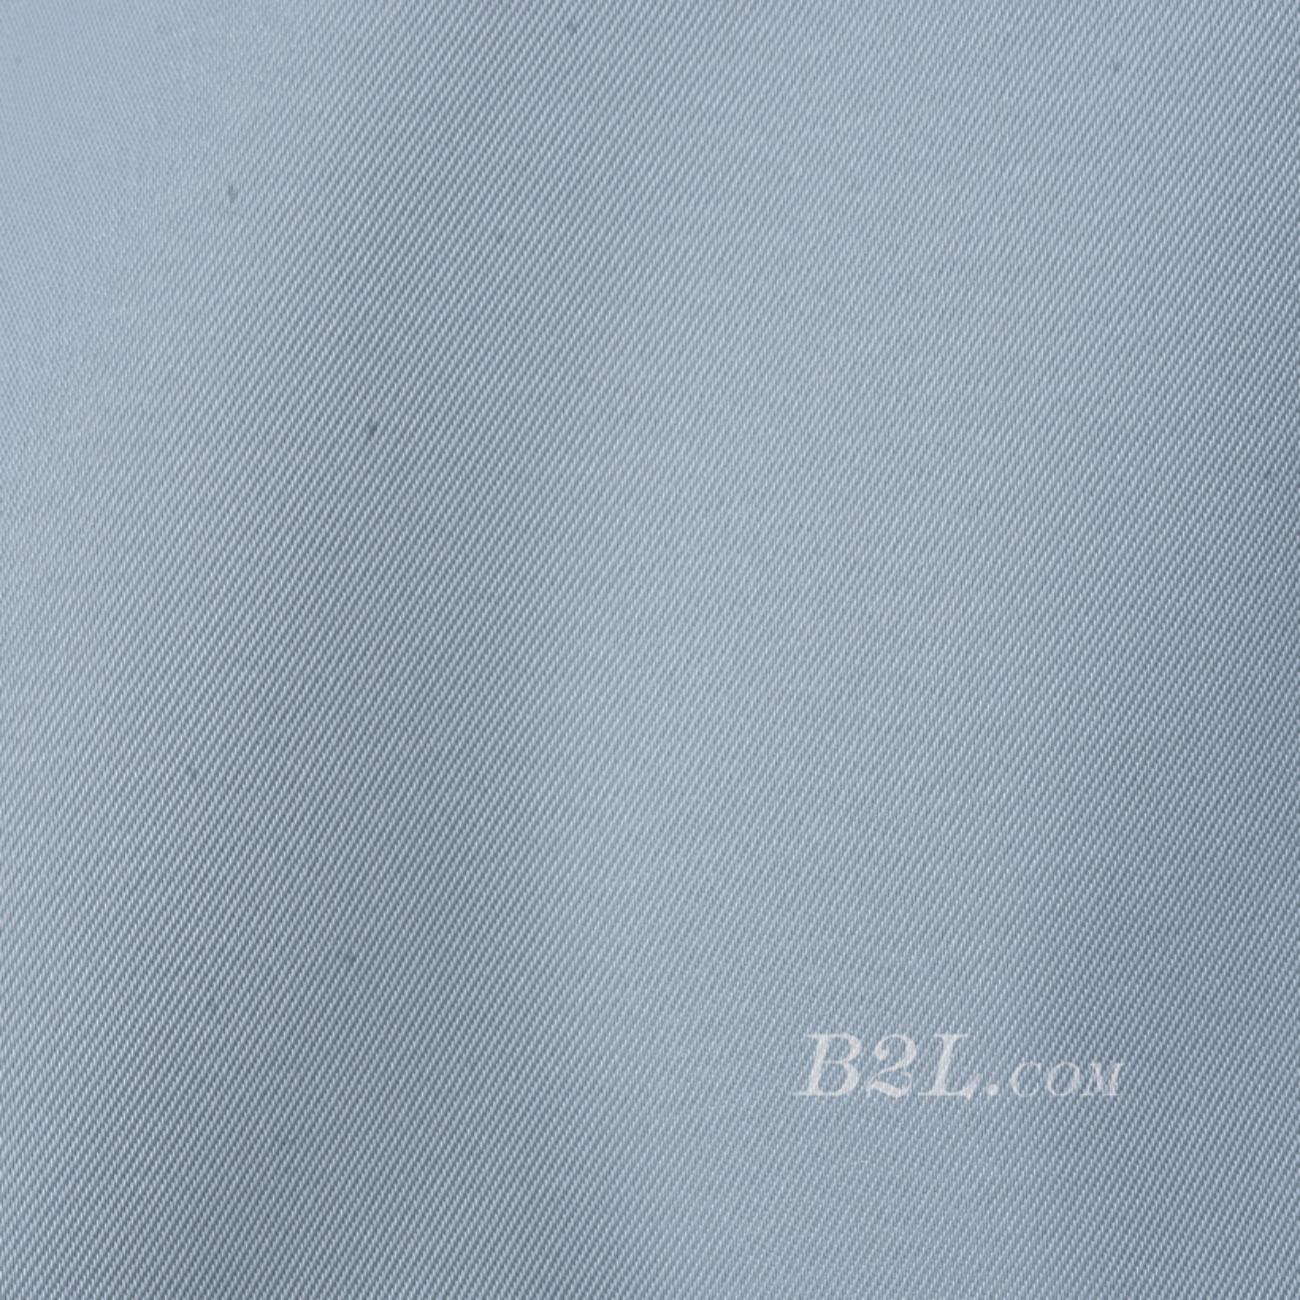 素色 梭织 染色 斜纹 无弹 春秋 工装 外套  91102-12